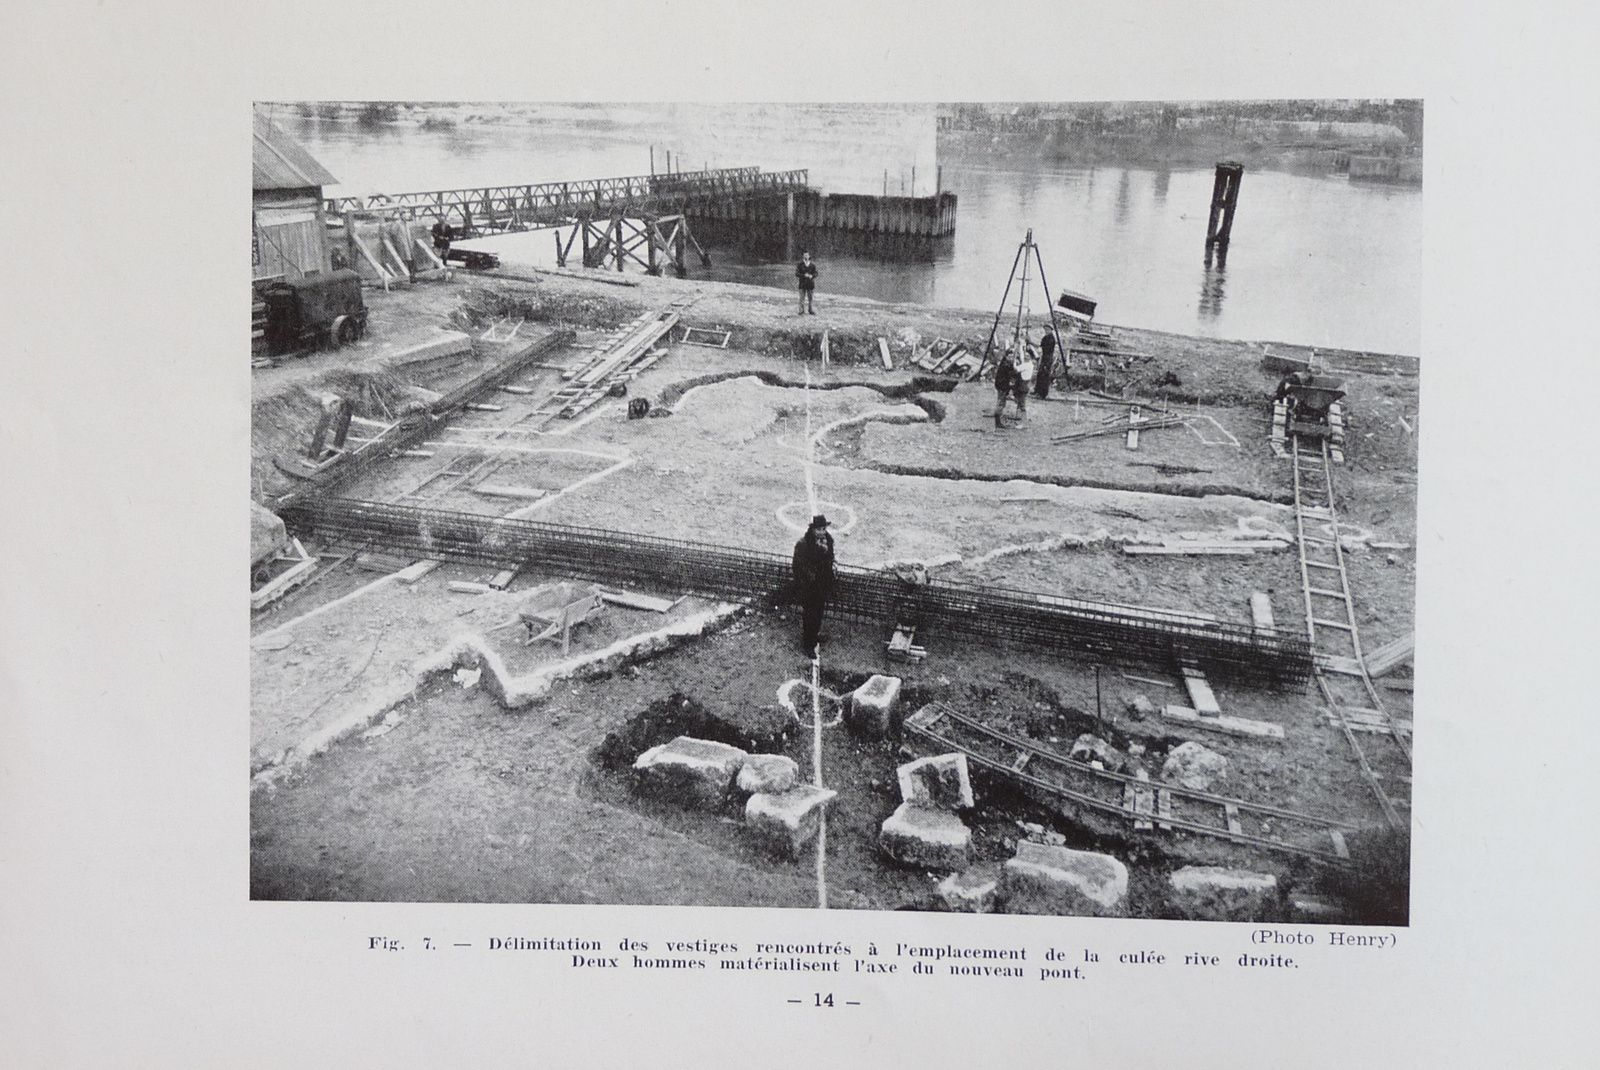 Découvertes de vestiges de fondations du fort de Limaie par les équipes travaillant à la construction du pont actuel de Pont-de-l'Arche (de 1951 à 1954). Il semble que l'arc de cercle en bas de cliché (studio Henry, Louviers, page 15 de la référence ci-dessous) montre une partie de la tour maitresse. Le reste est plutôt méconnaissable.